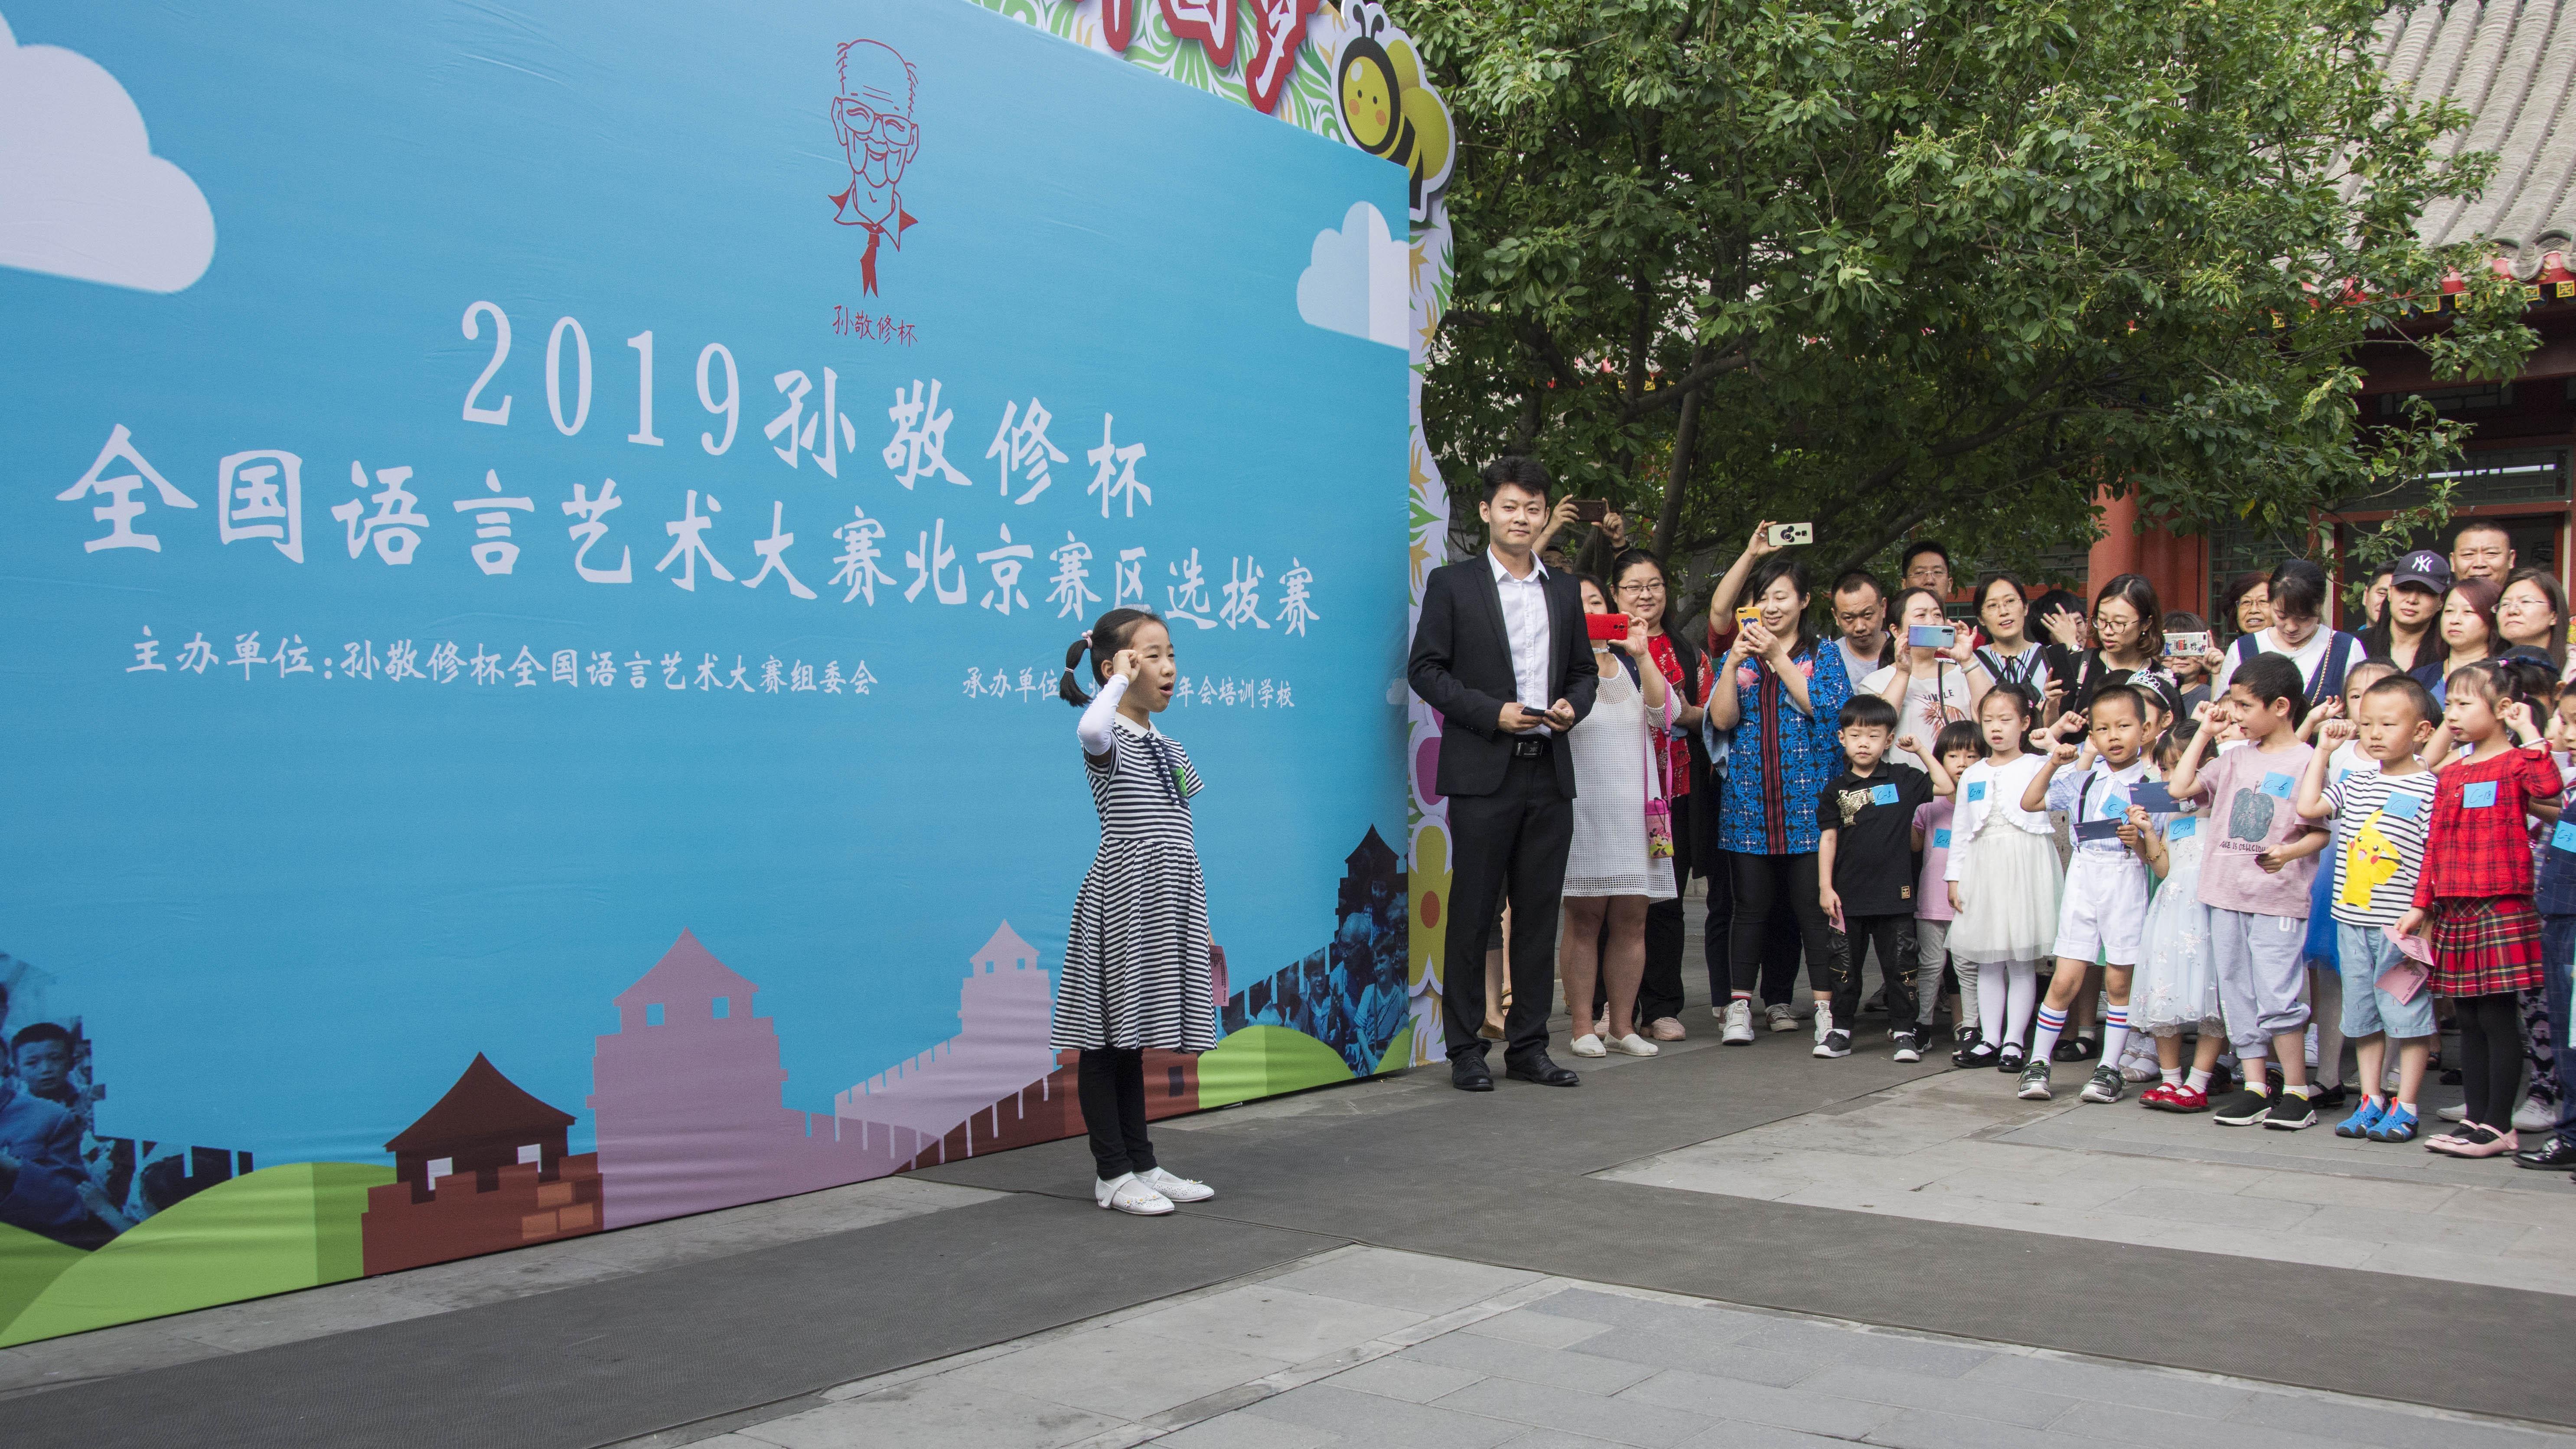 """2019年""""孙敬修杯""""全国语言艺术大赛北京赛区正式开赛"""